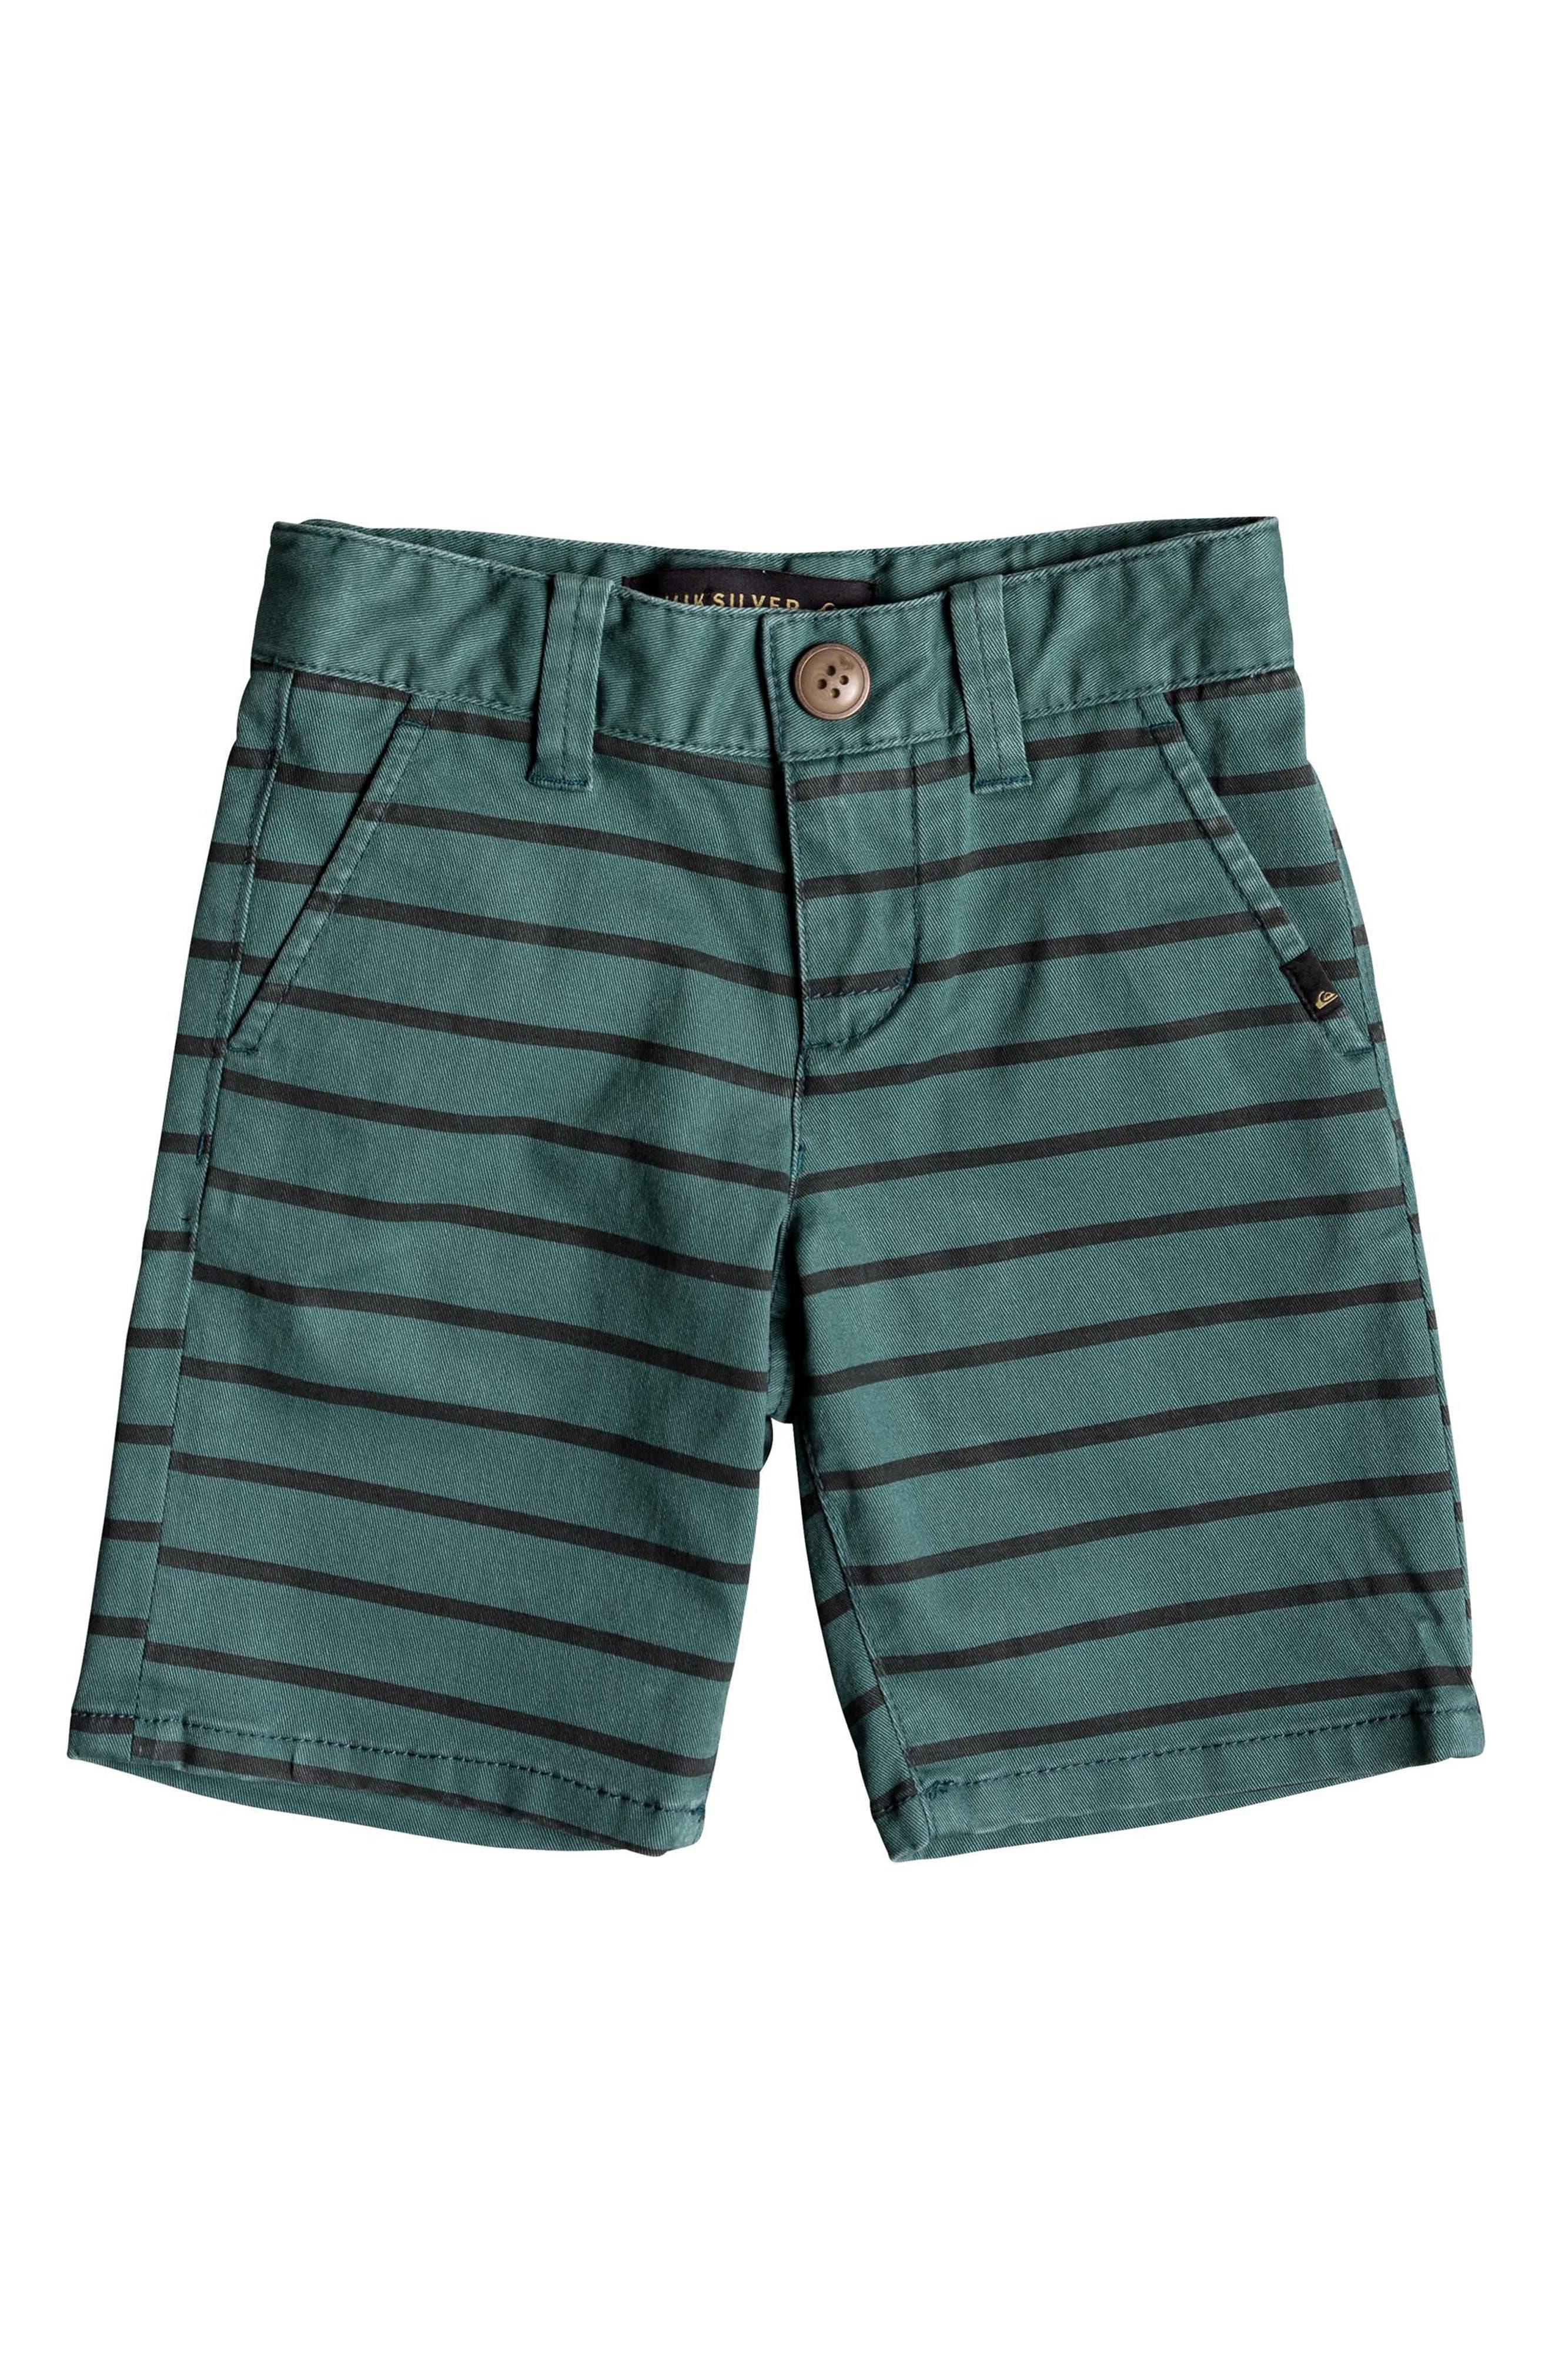 Waiku Stripe Shorts,                             Main thumbnail 1, color,                             MALLARD GREEN